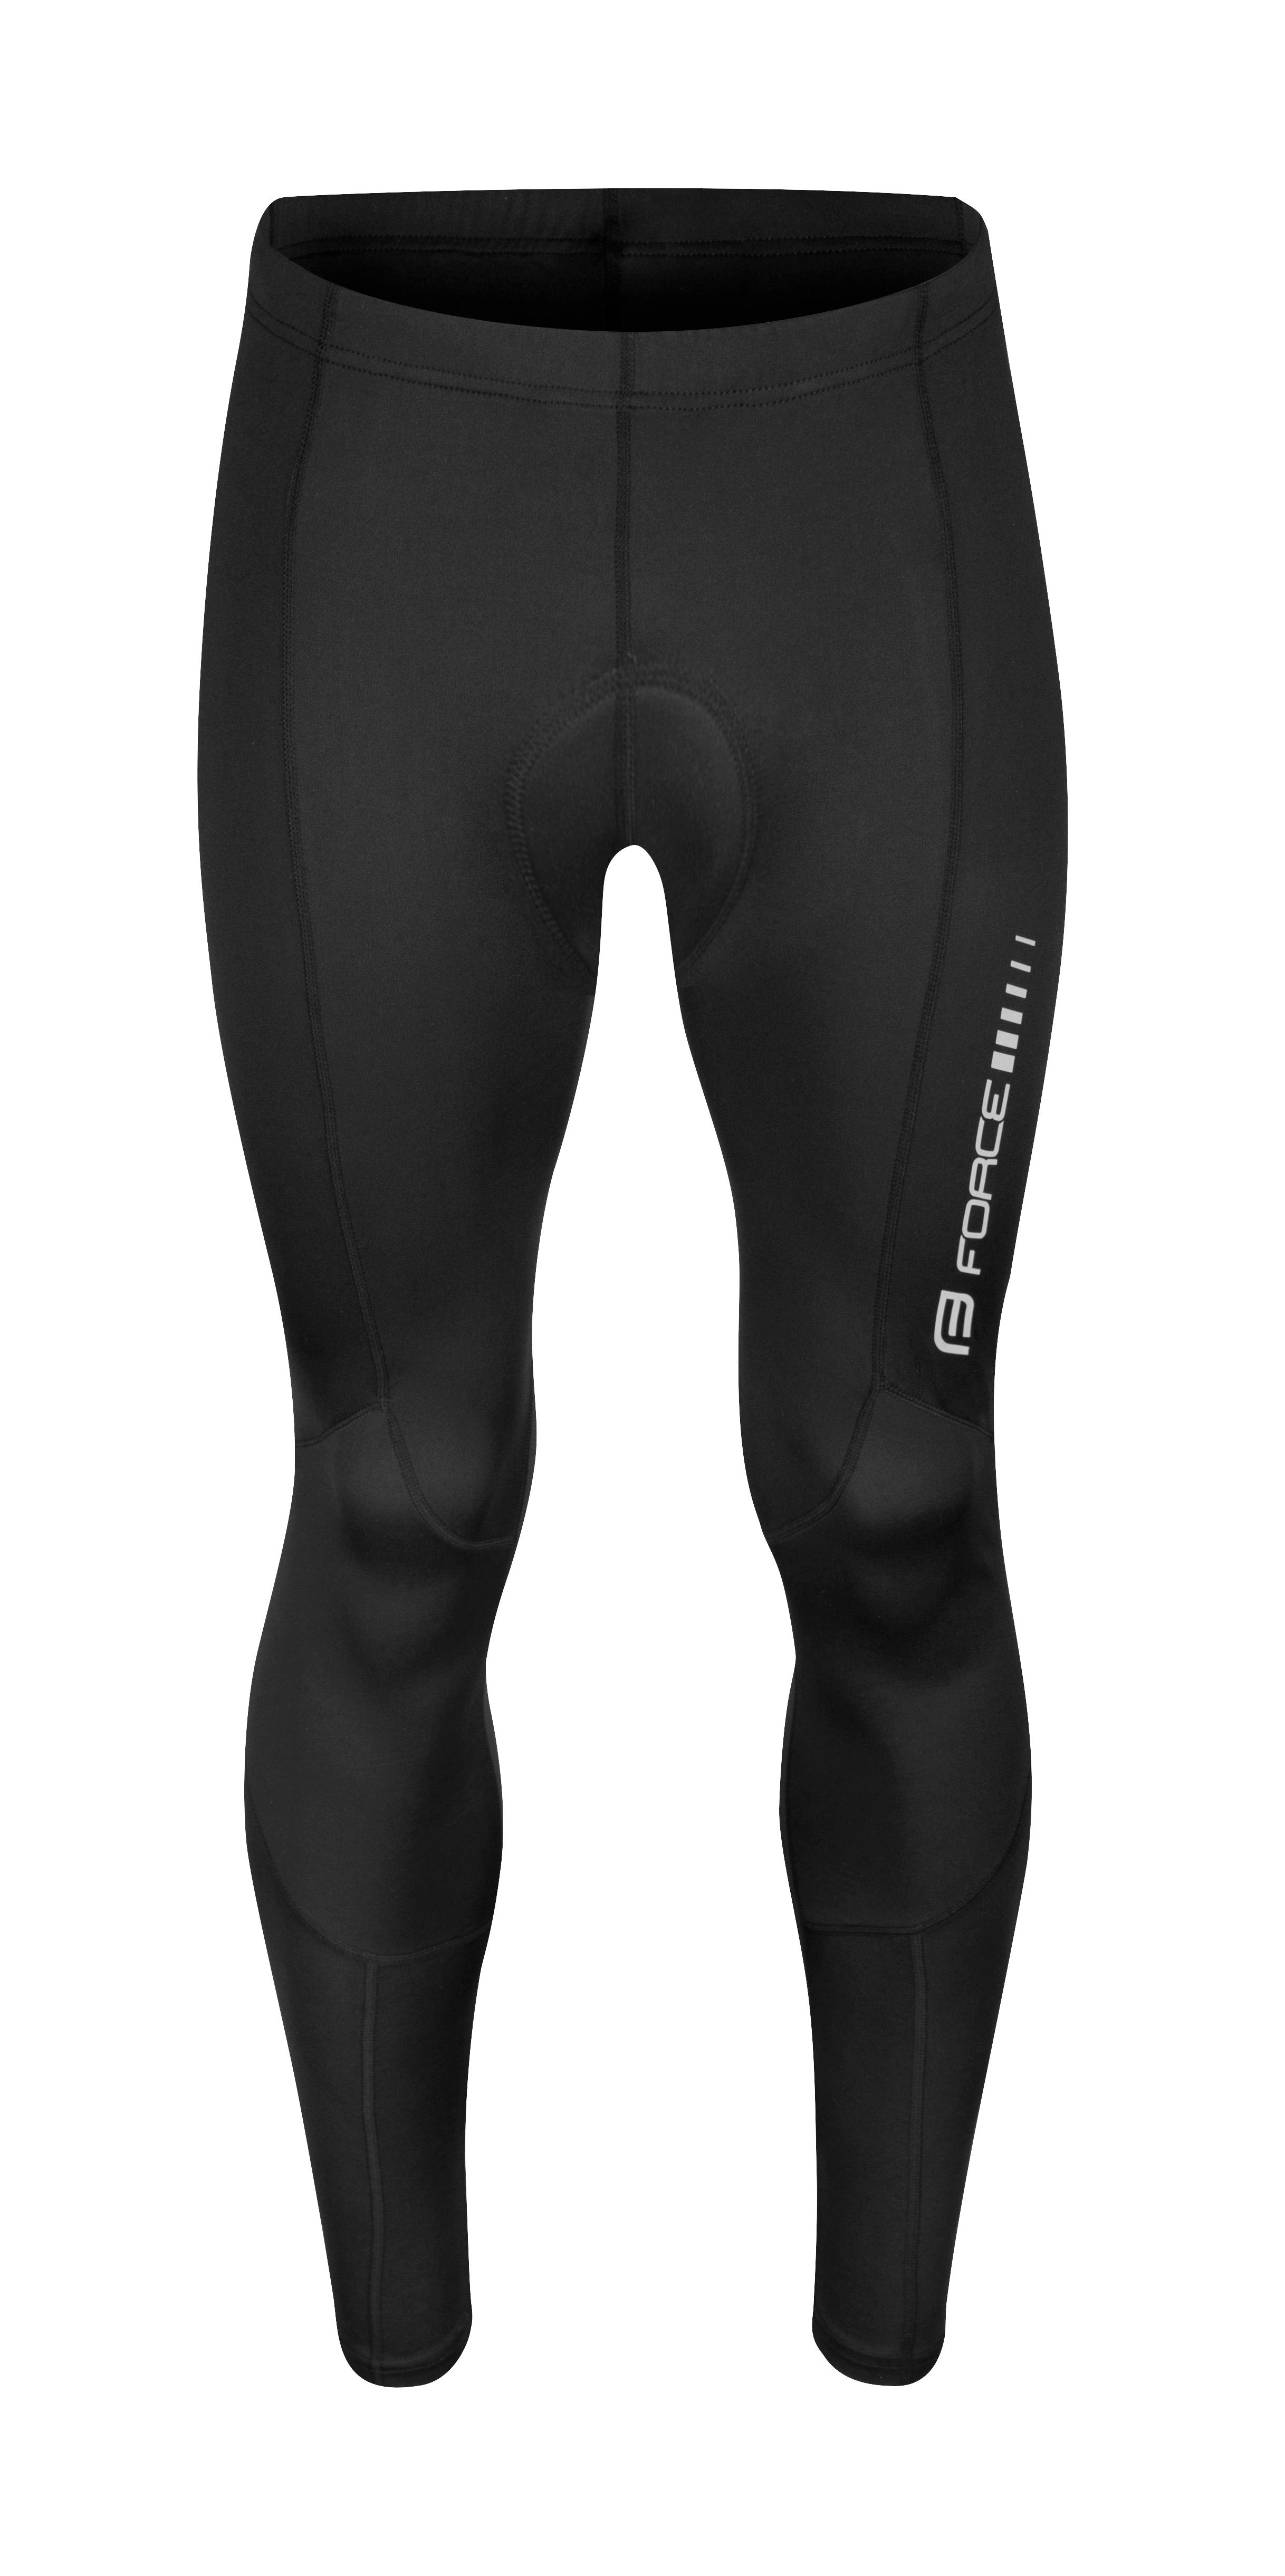 kalhoty FORCE Z68 do pasu s vložkou, černé XL